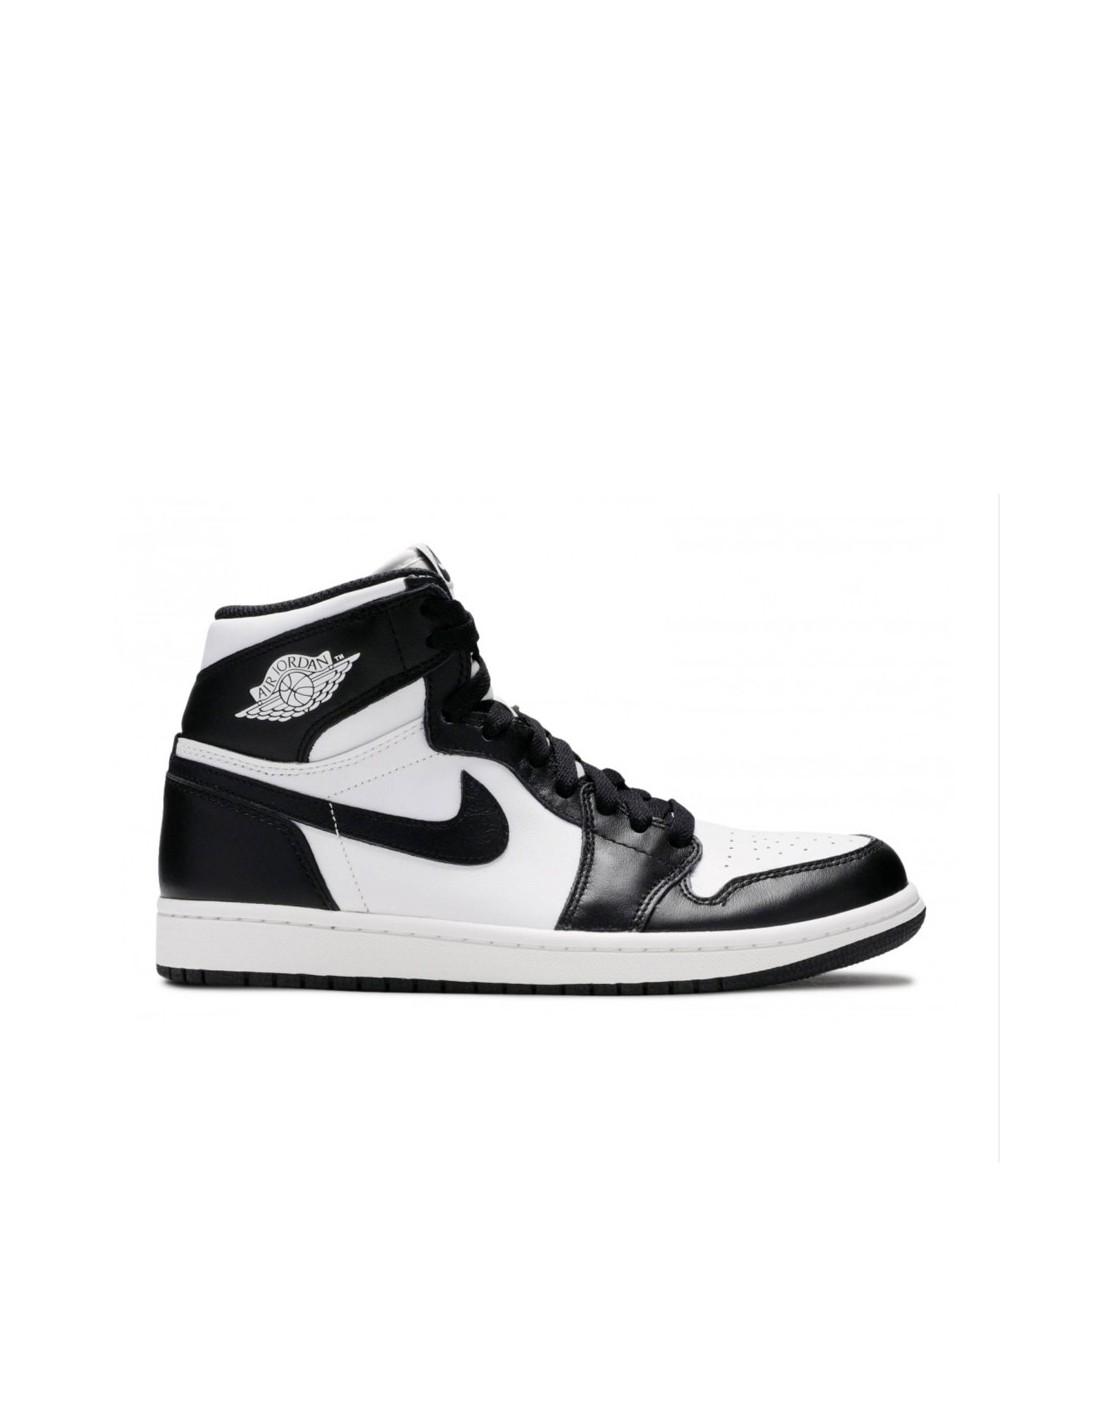 Nike Air Jordan 1 HIGH OG COURT Blanca y Negra